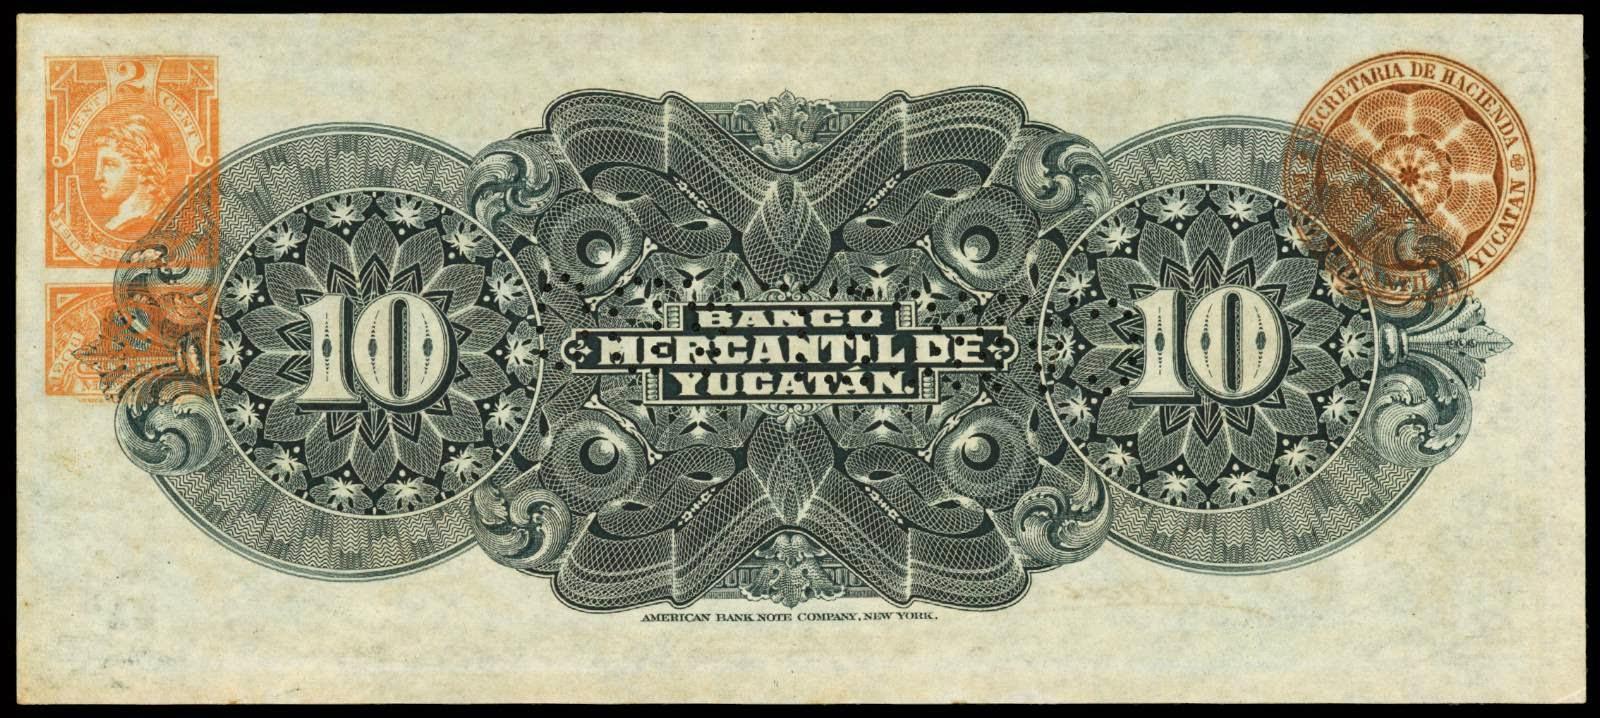 Mexico 10 Pesos banknote 1904 Banco Mercantil de Yucatan ...